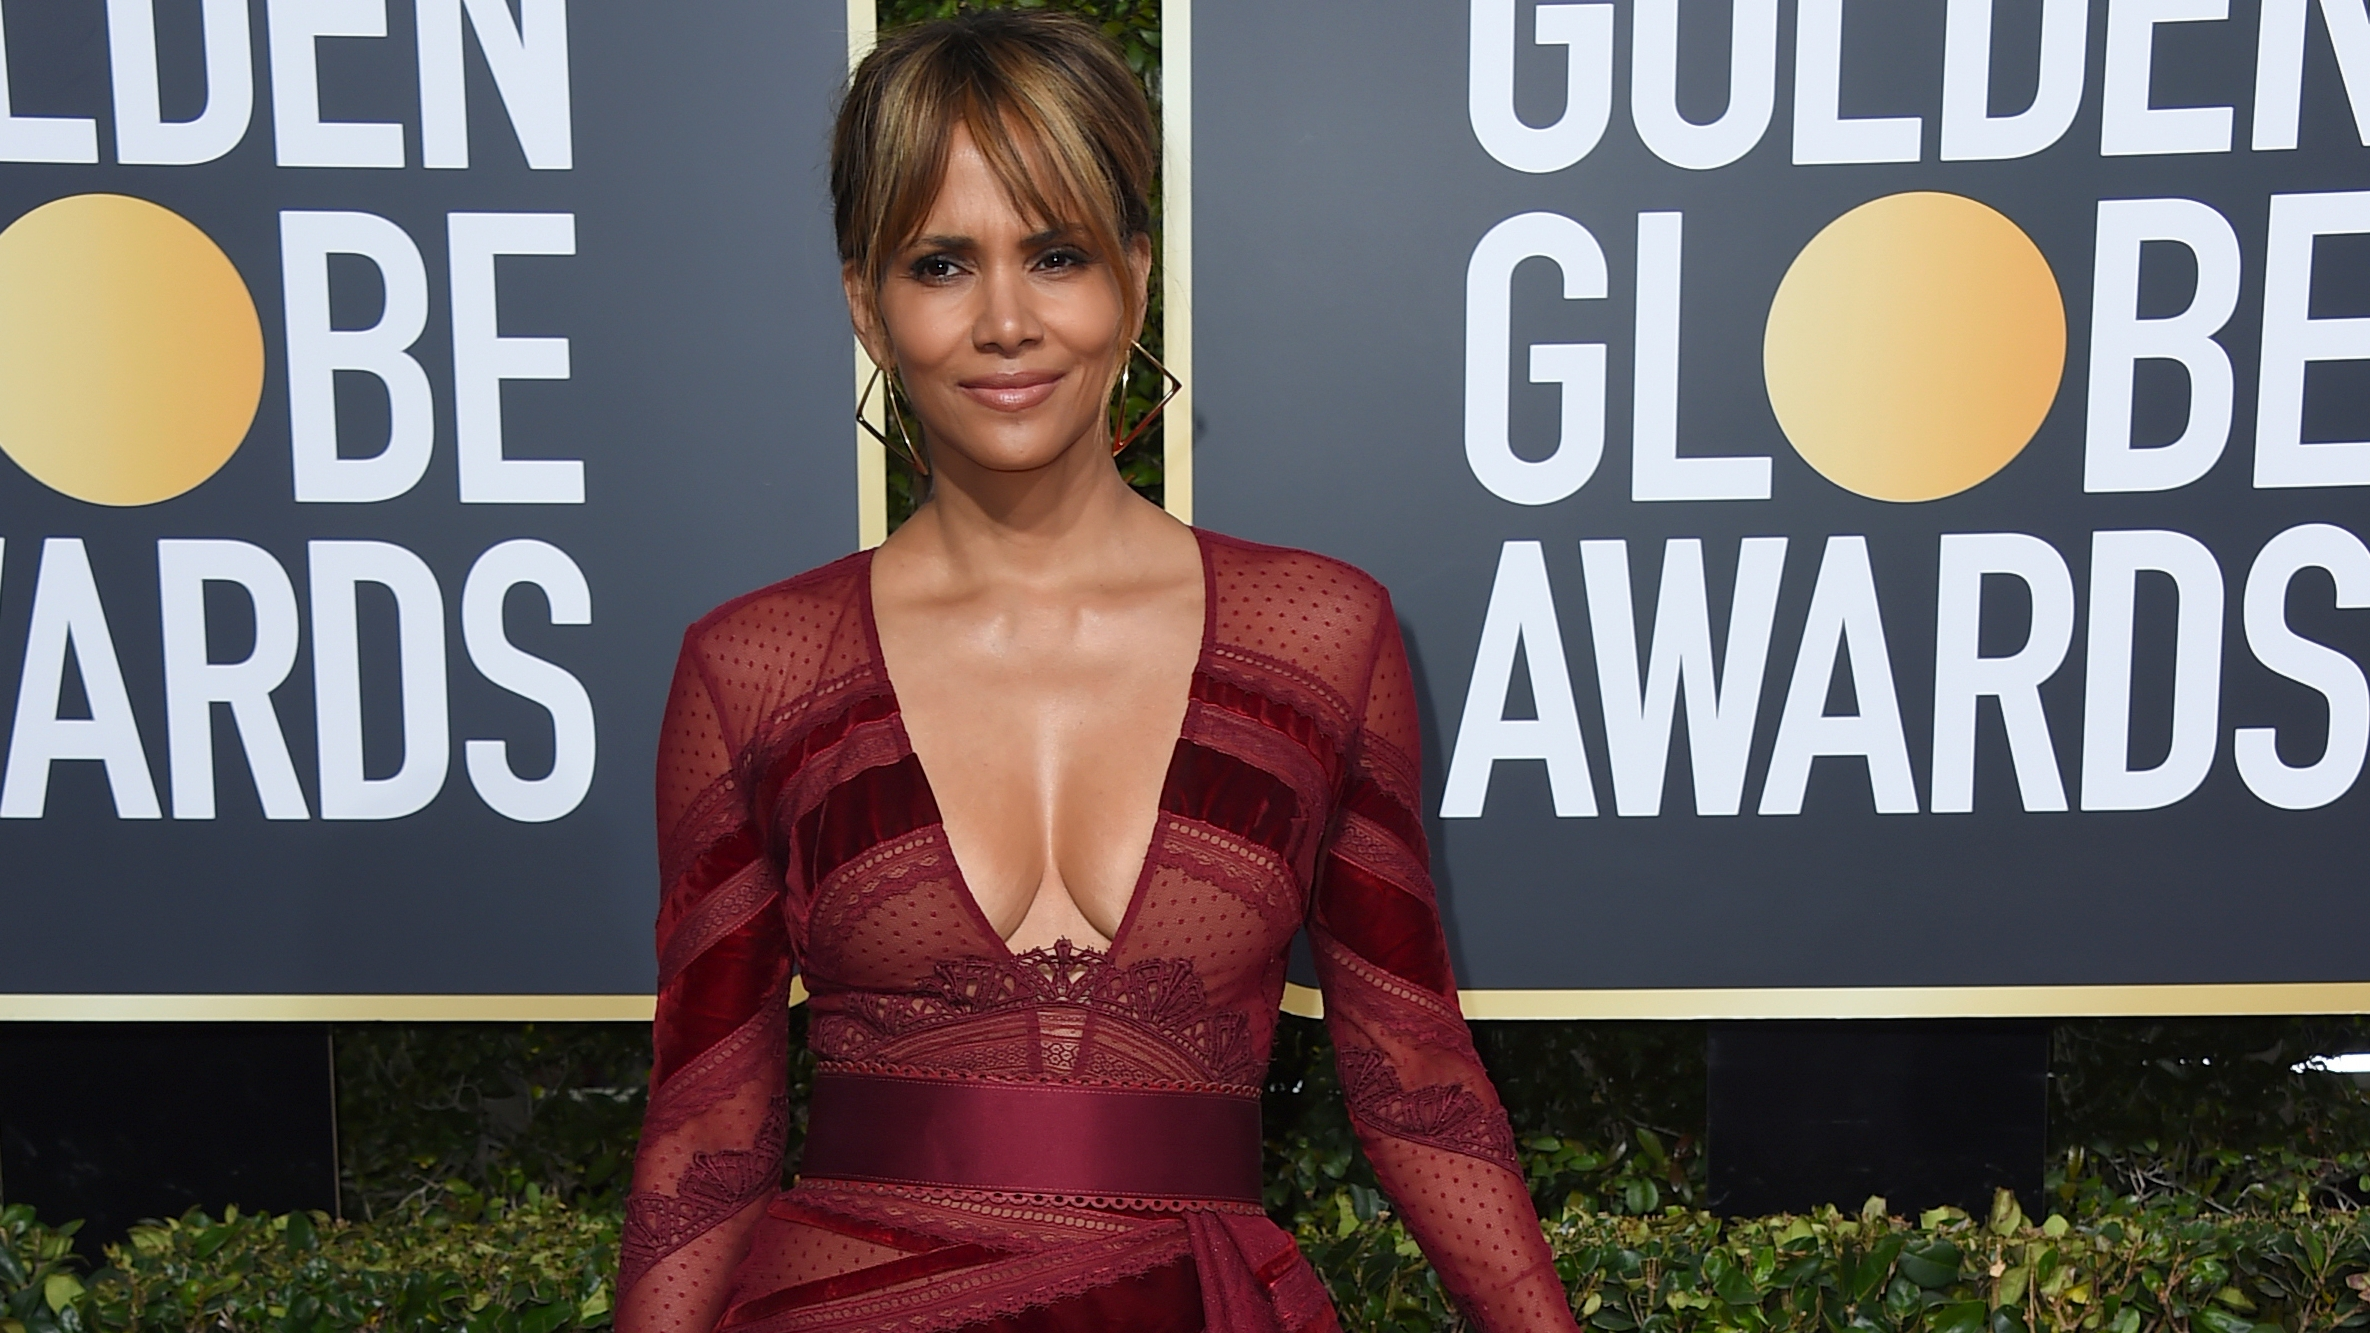 Halle Berry renuncia a interpretar un personaje transexual tras las críticas recibidas 2